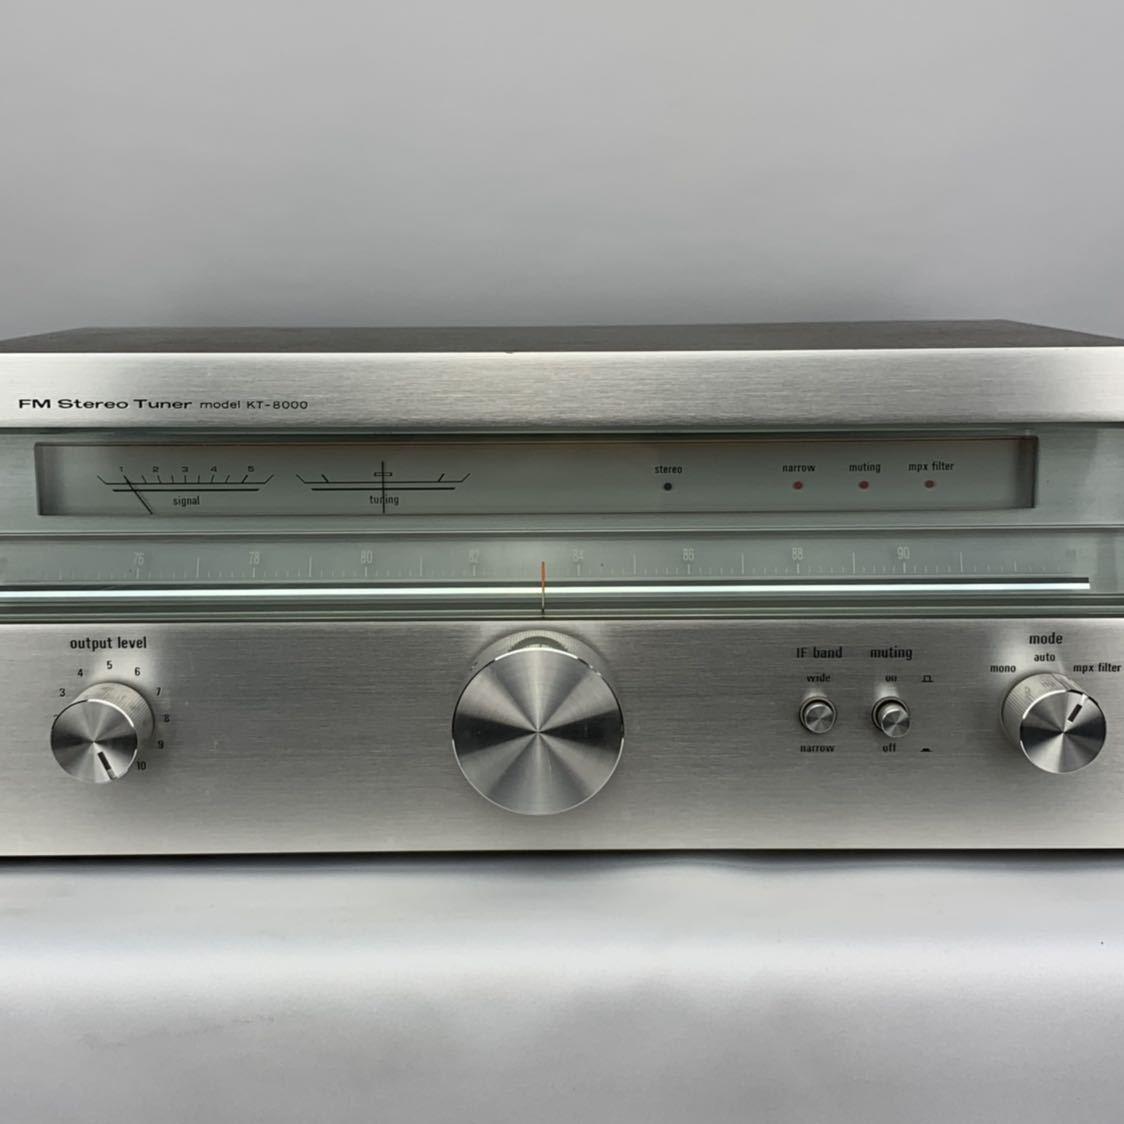 受信感度良好 TRIO トリオ FM 専用 チューナー KT-8000 電源スイッチのみ不良 その他 完動確認_画像2